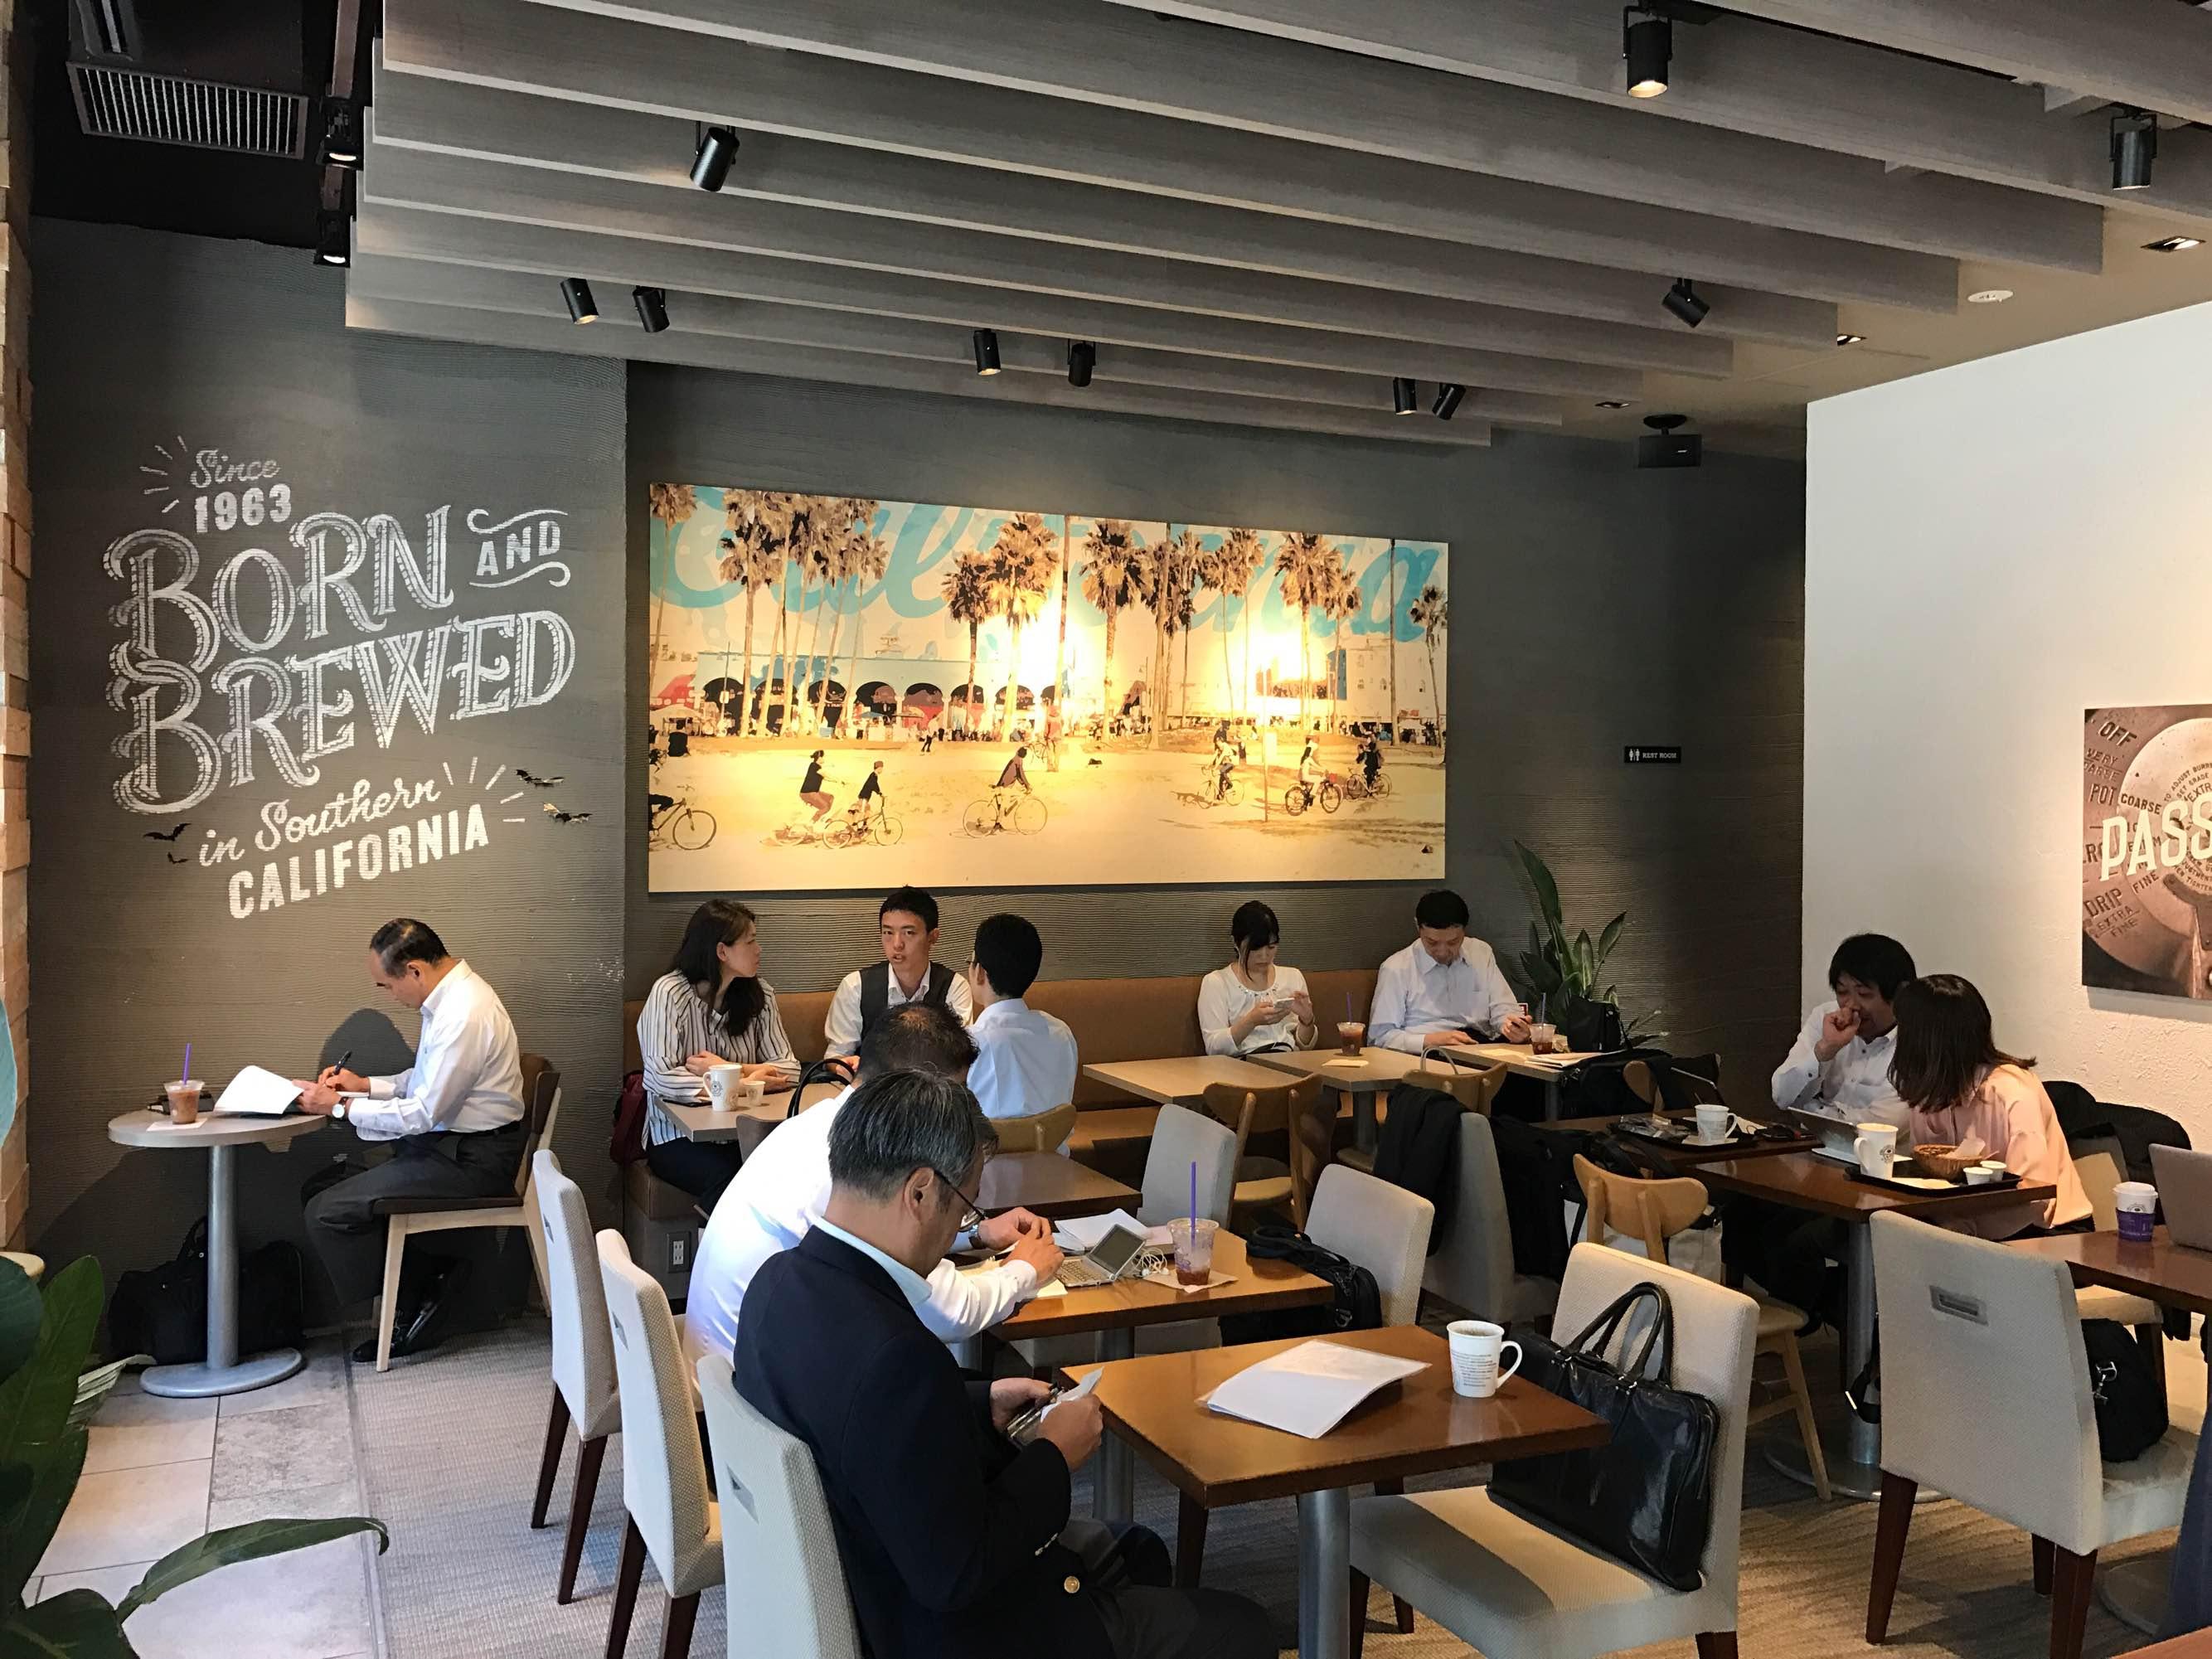 日本橋・コーヒービーン&ティーリーフでモーニングを楽しむ♪平日朝7時オープン!